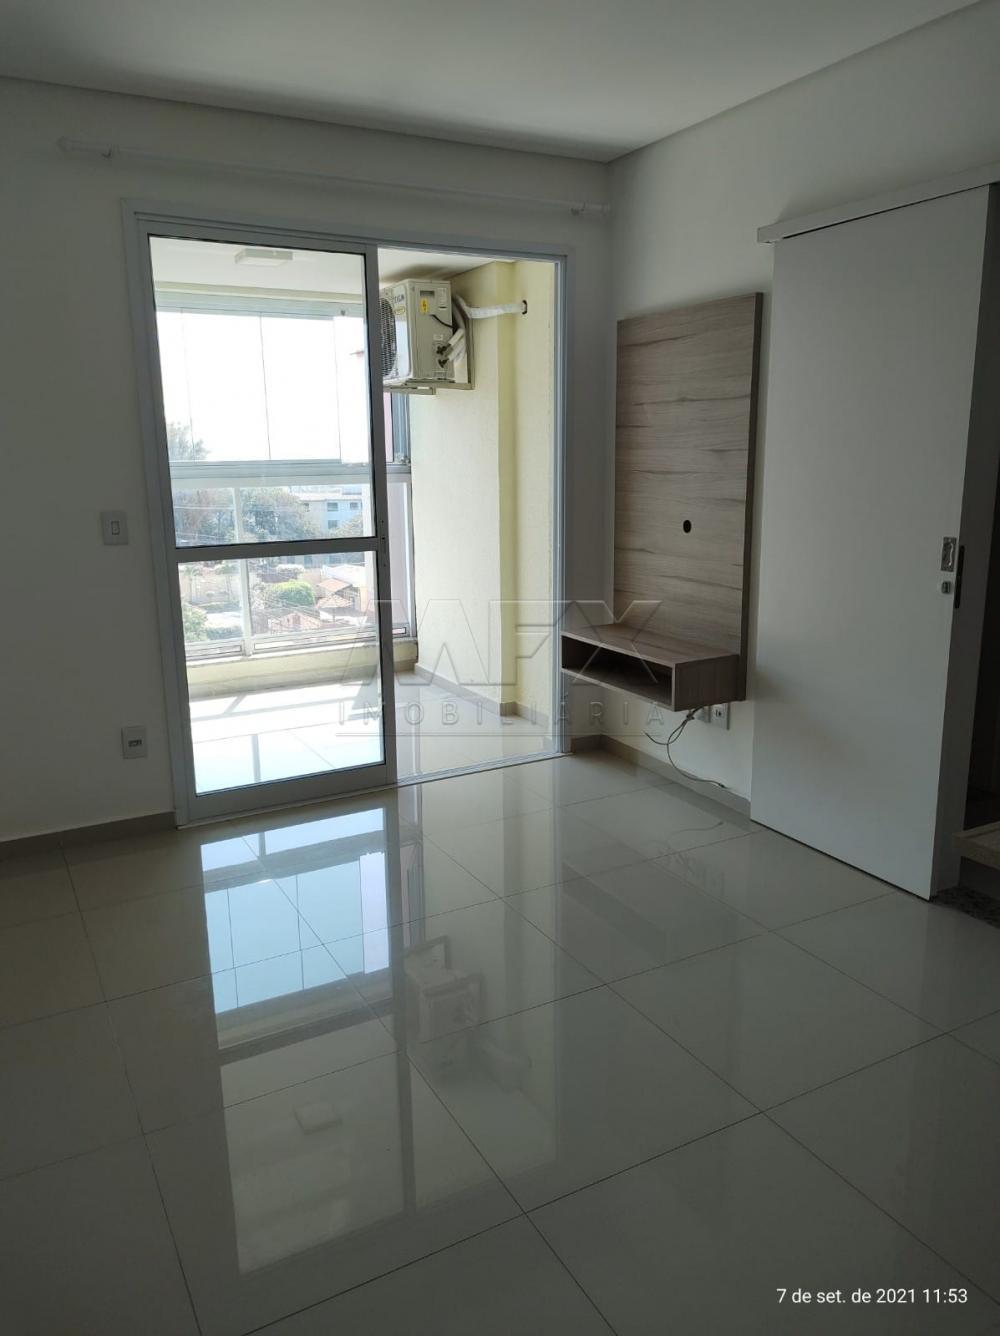 Alugar Apartamento / Padrão em Bauru R$ 1.300,00 - Foto 6